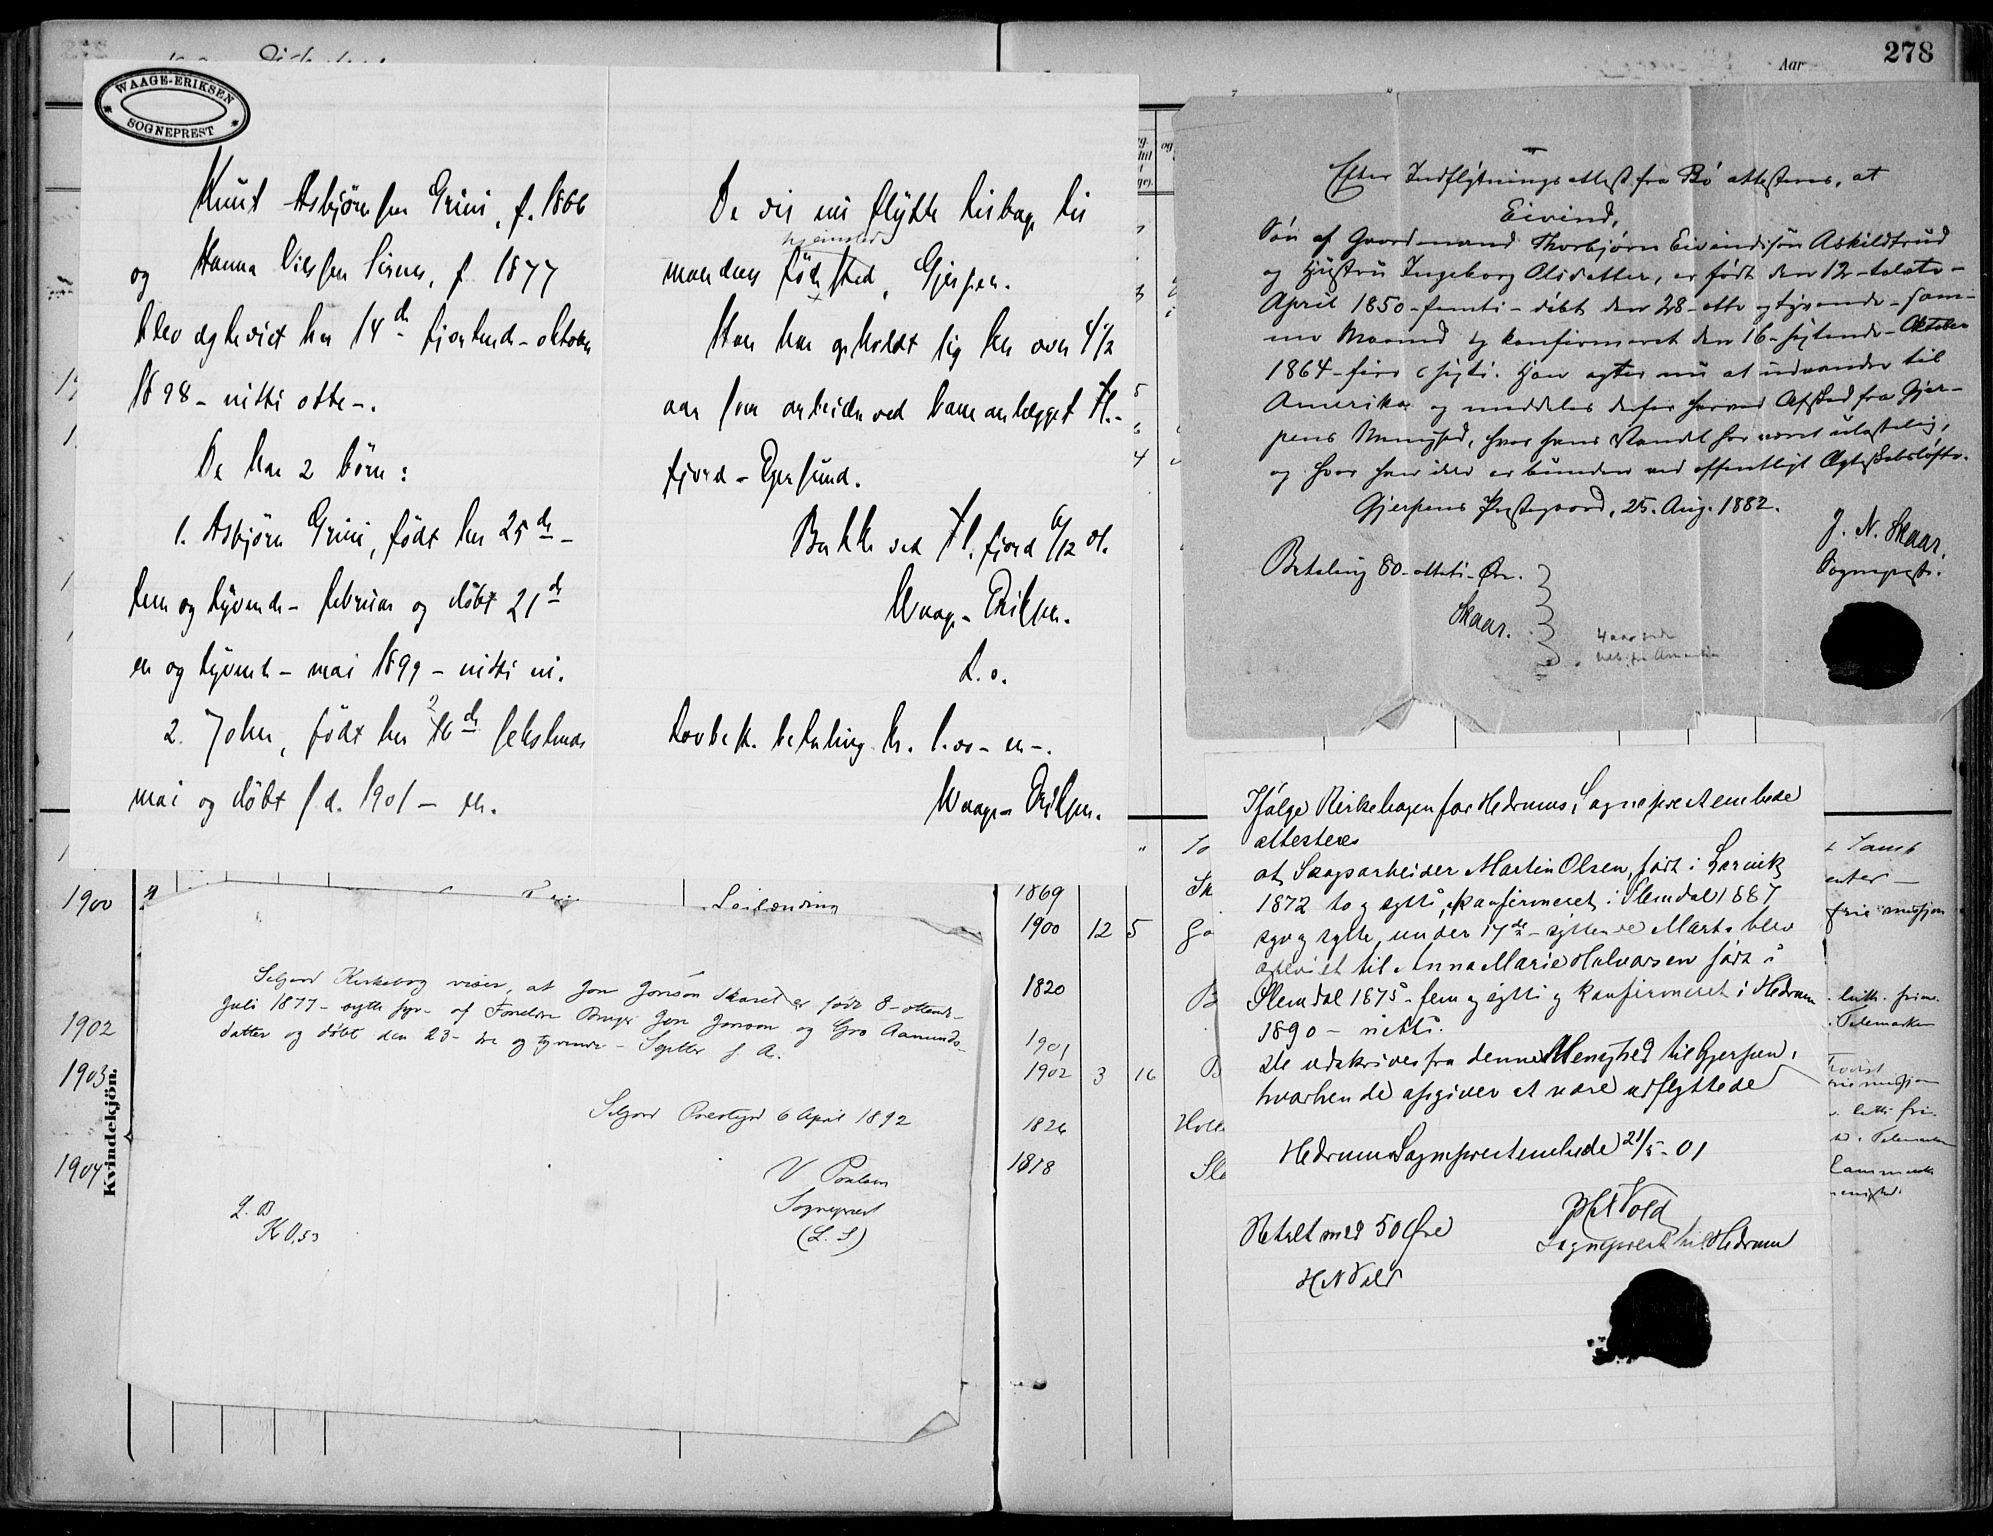 SAKO, Gjerpen kirkebøker, F/Fa/L0011: Ministerialbok nr. 11, 1896-1904, s. 278